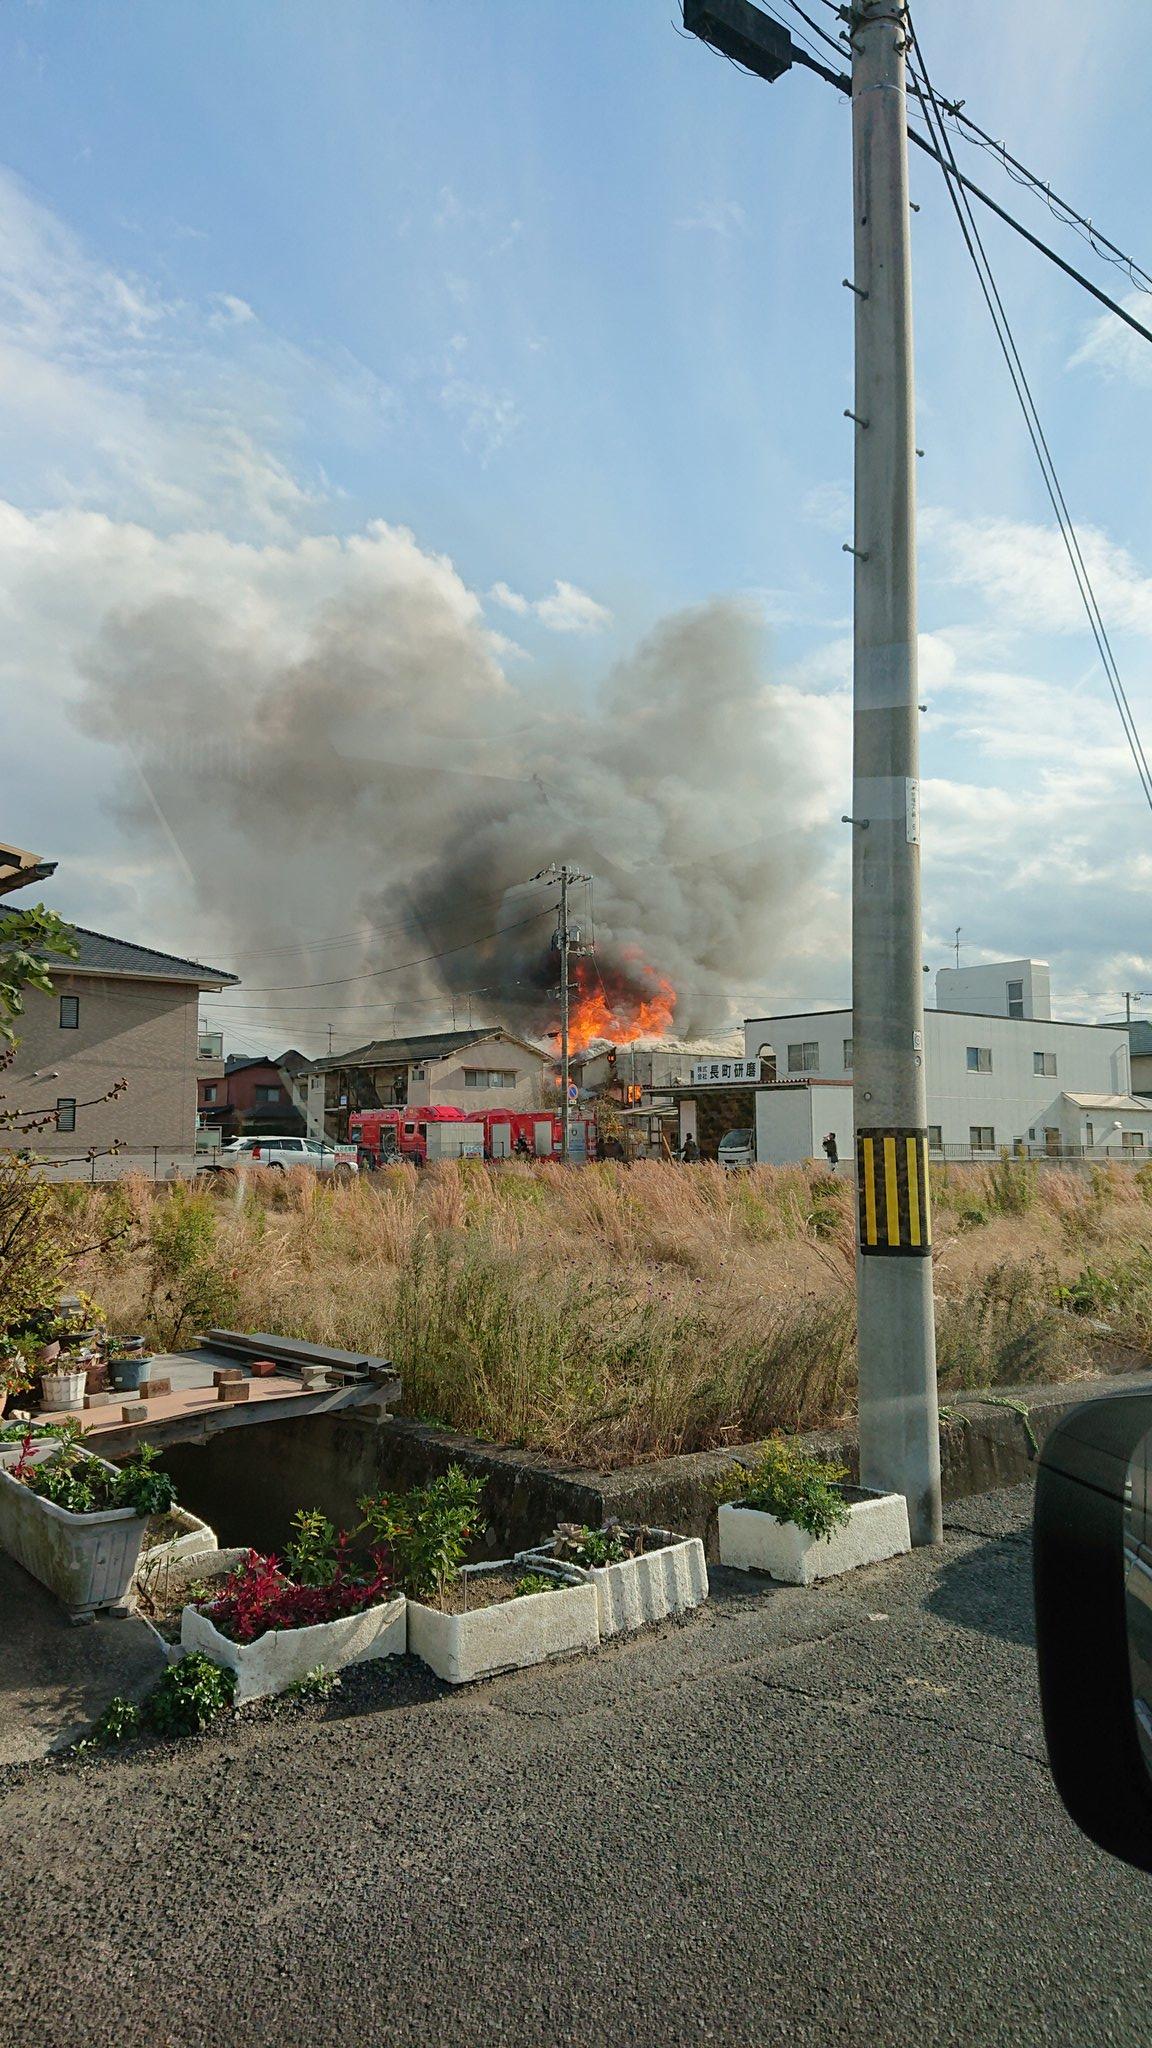 岡山市南区で住宅が燃える火災の現場画像